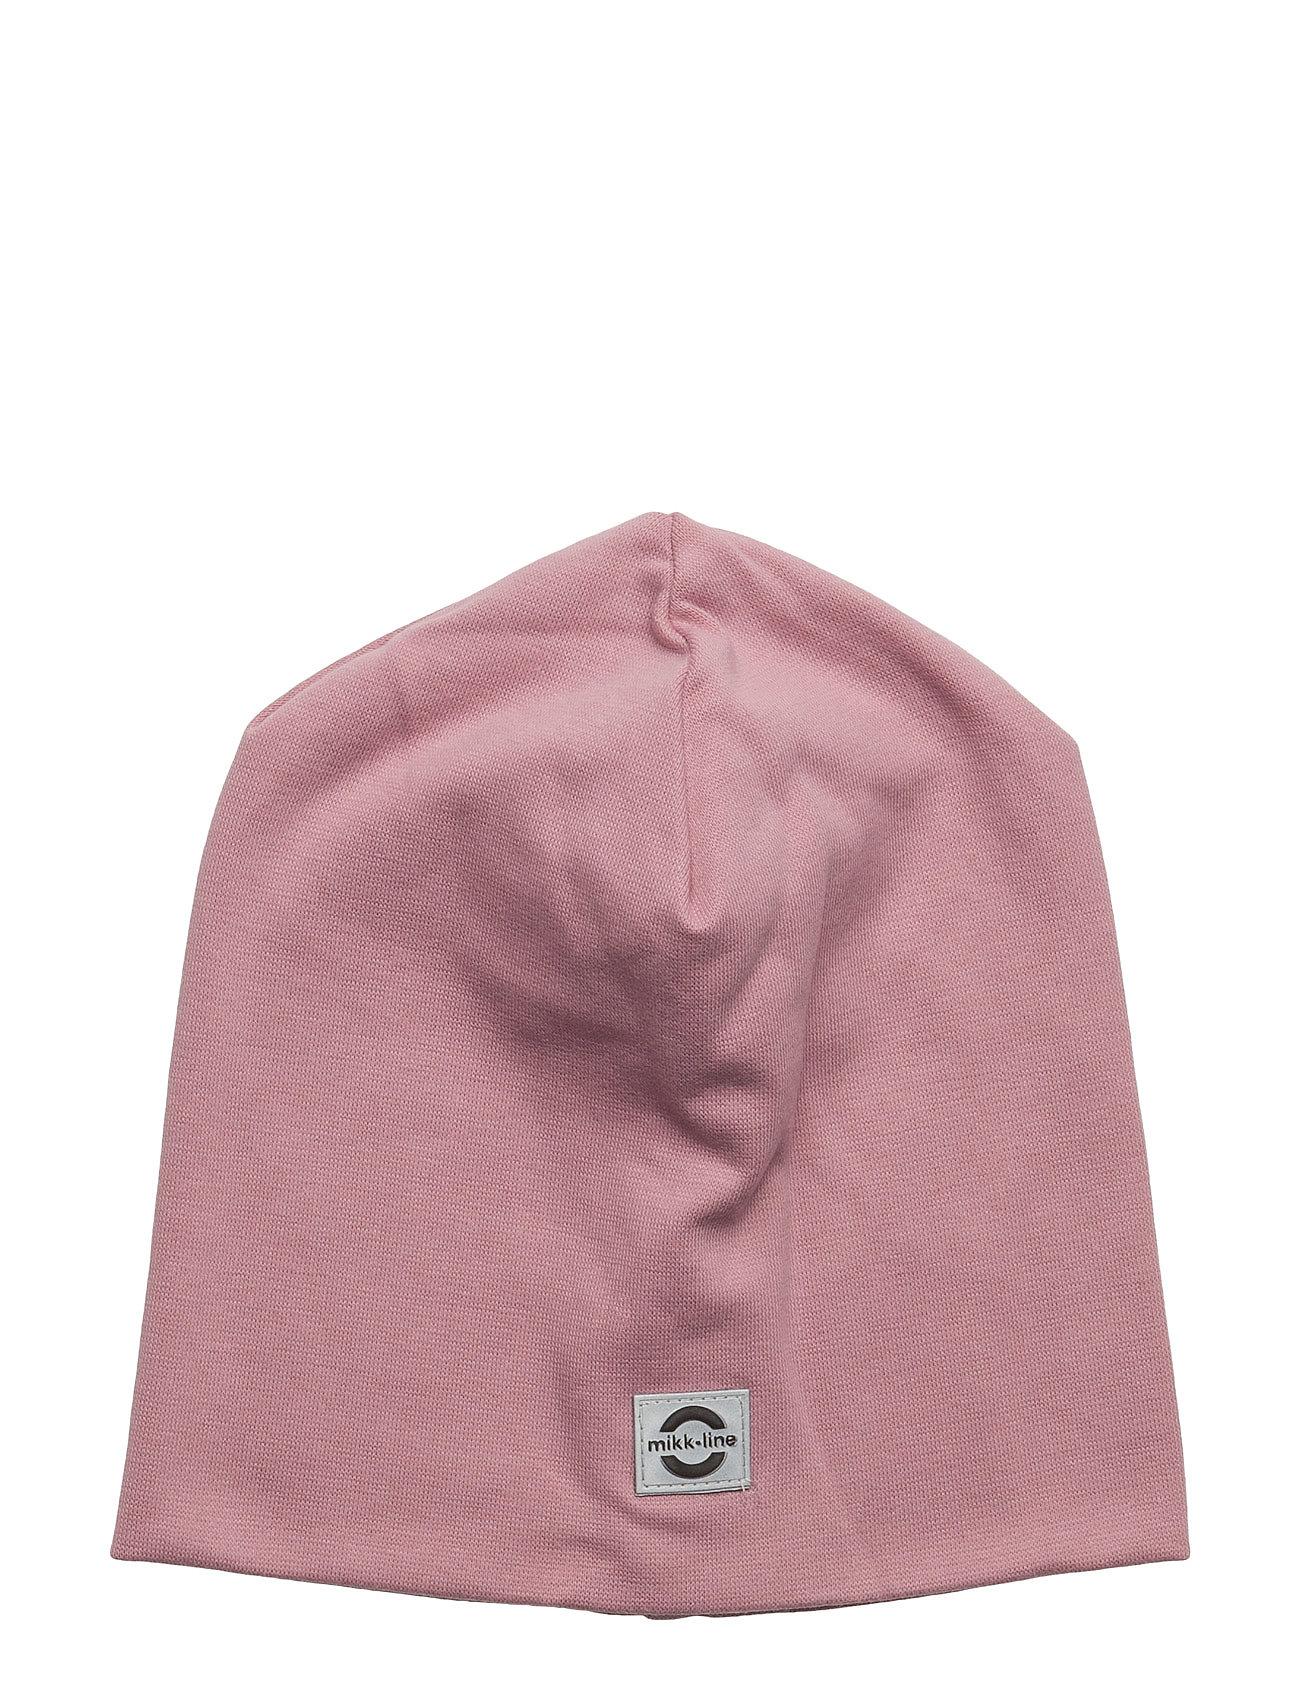 Hat Solid Cotton Mikk-Line Hatte & Caps til Børn i